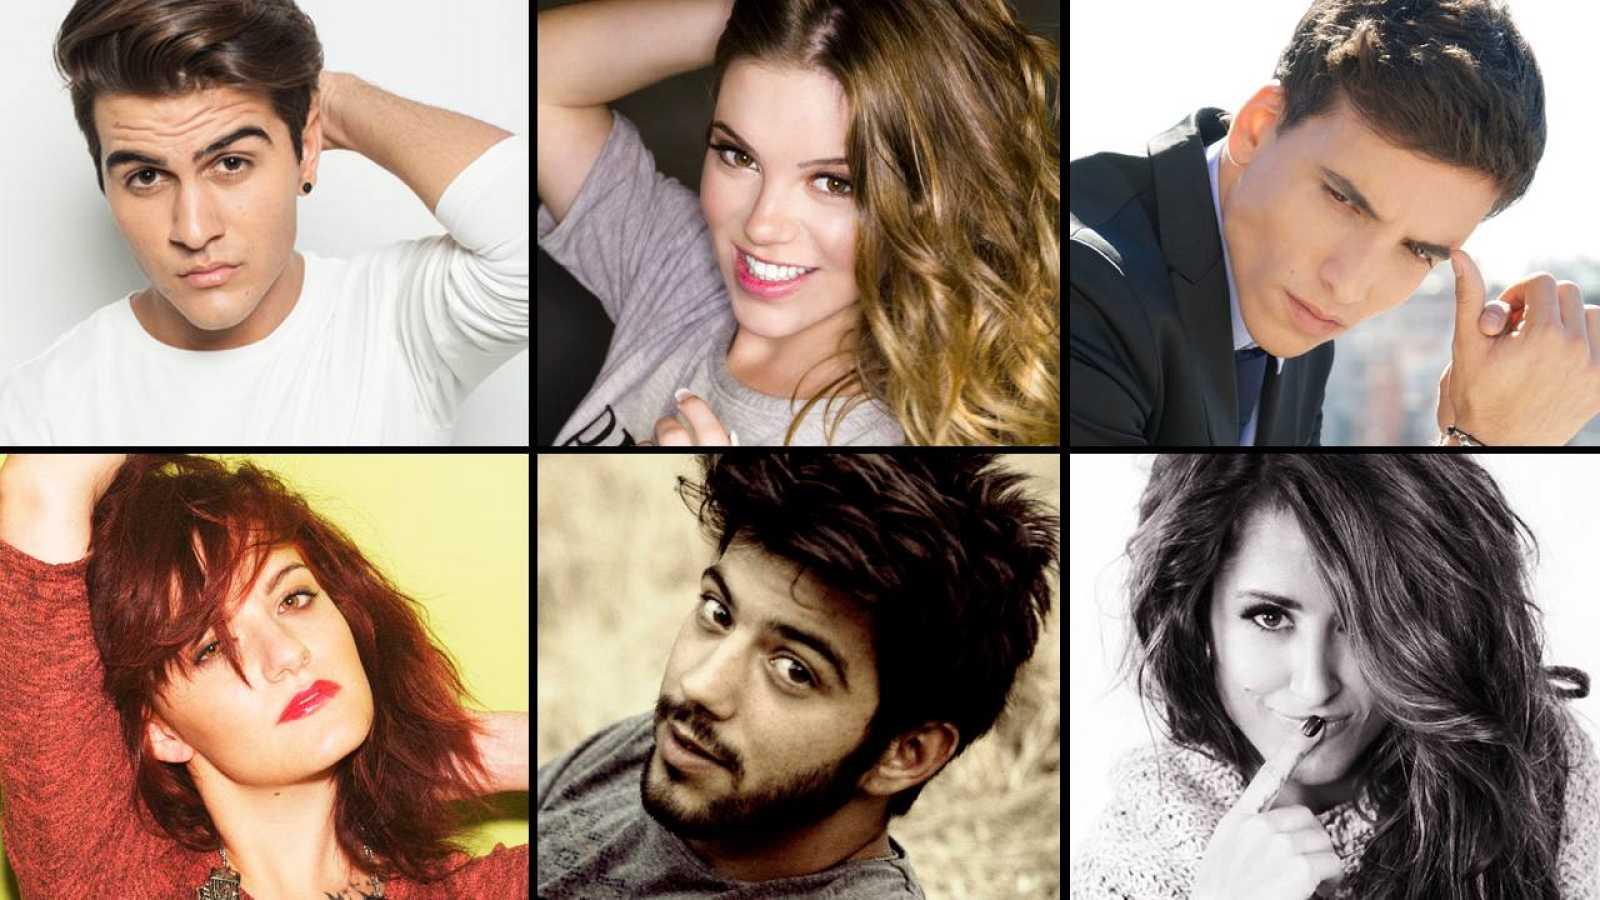 Los seis candidatos a participar en Eurovisión 2016